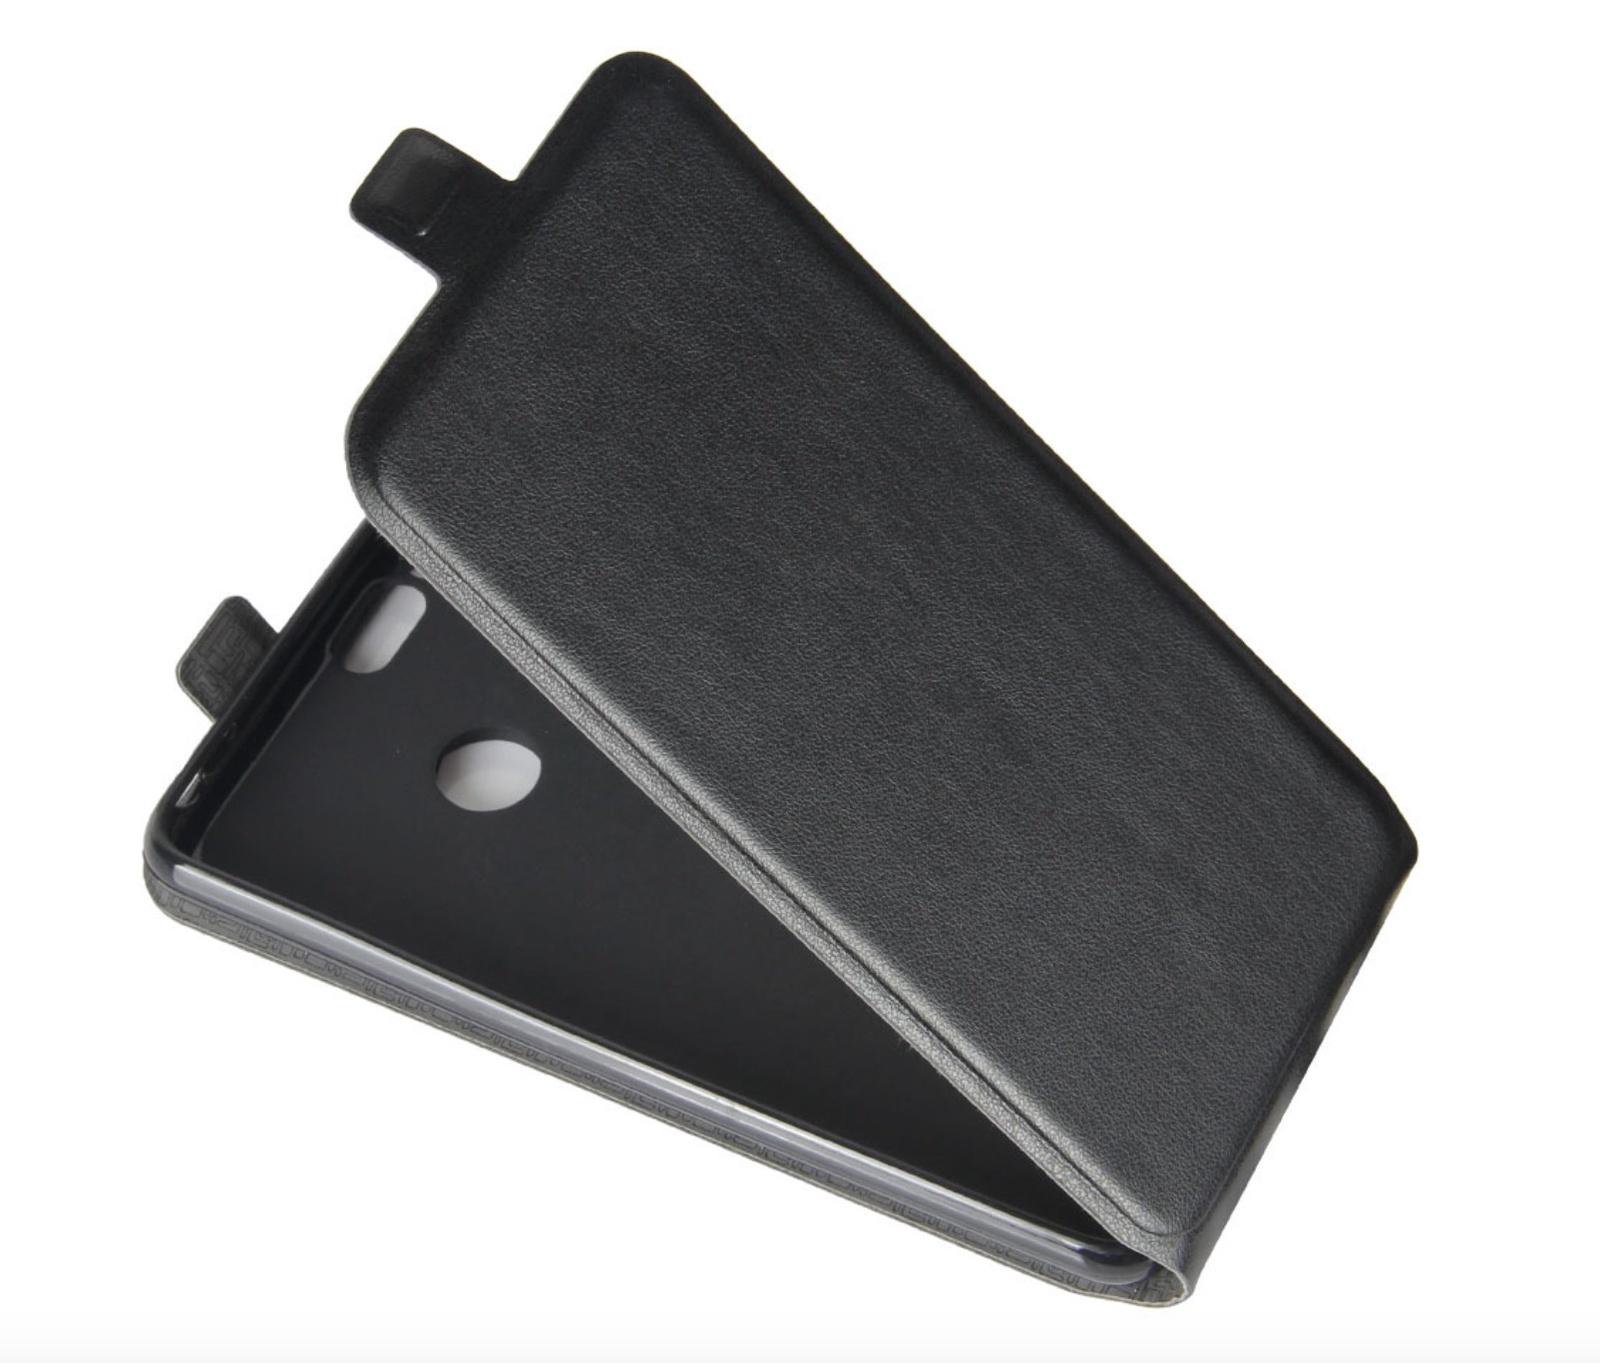 Чехол-флип MyPads для Nokia Lumia 920 вертикальный откидной черный